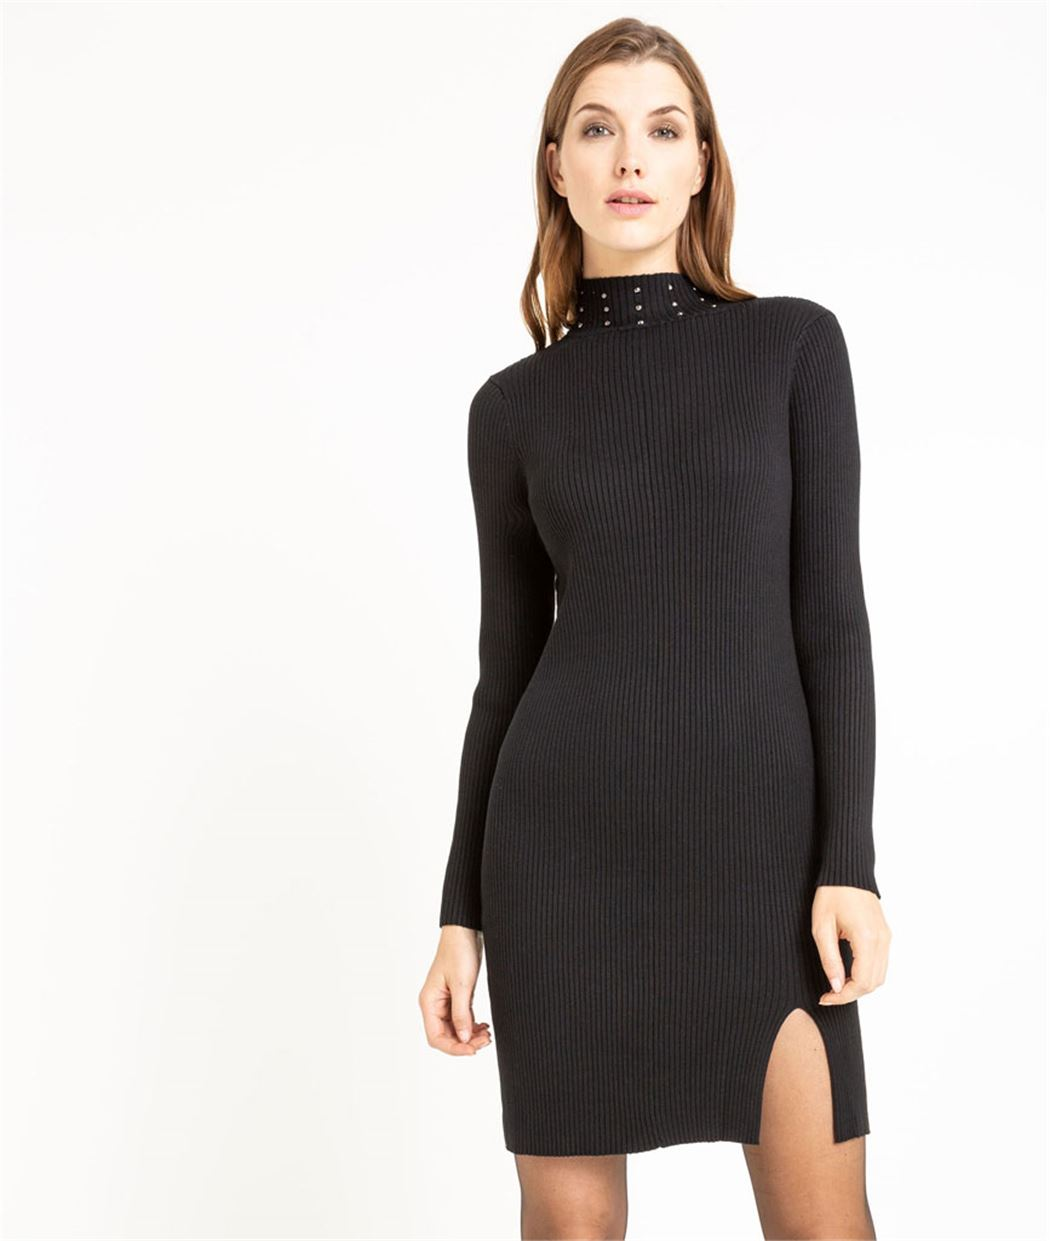 Robe pull noire avec clous pour femme NOIR - Grain de Malice 3b0b92a1addf